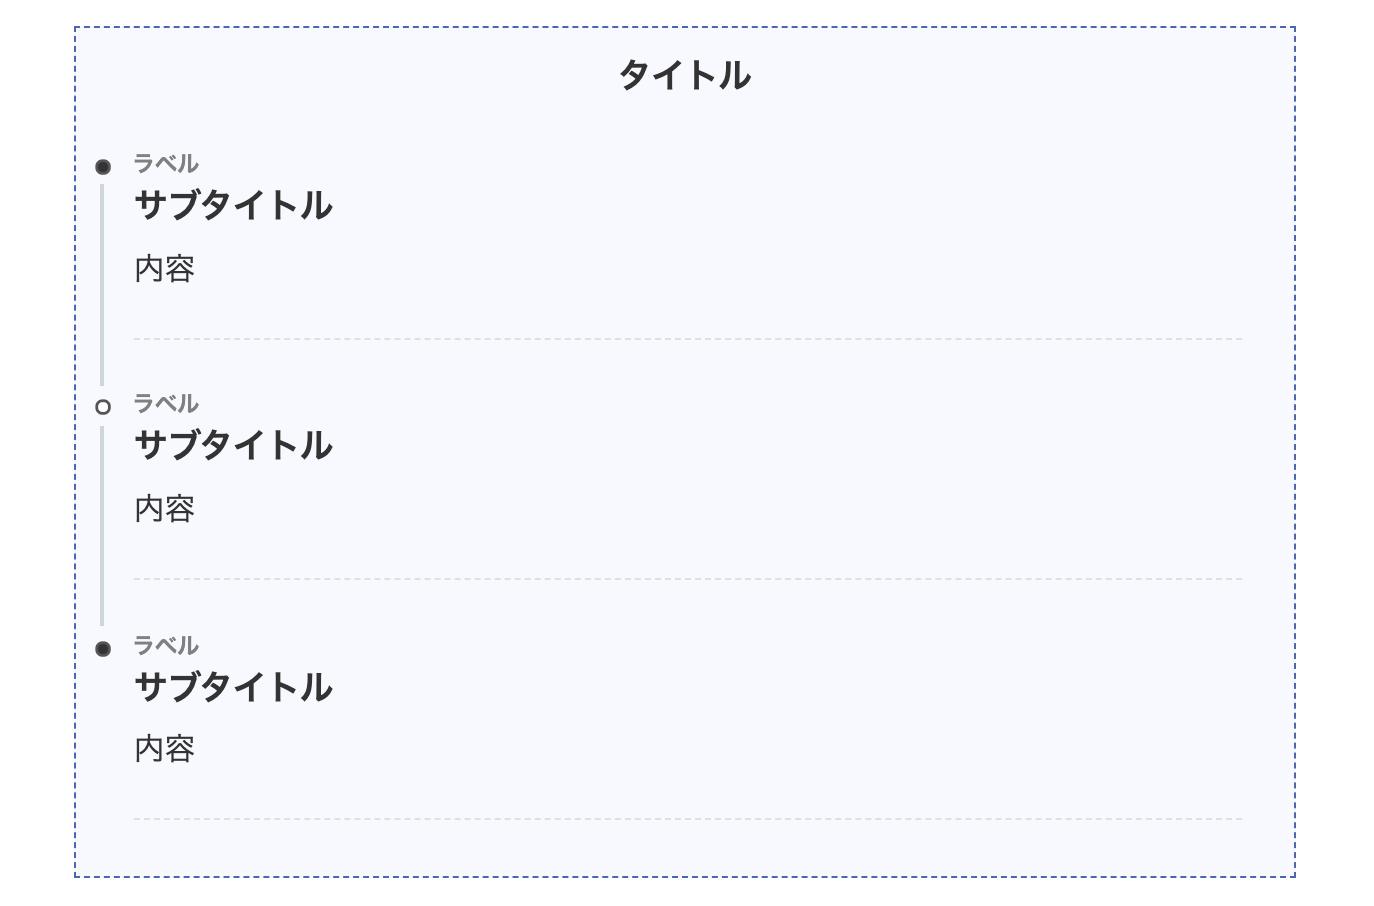 タイムライン(manablog風)